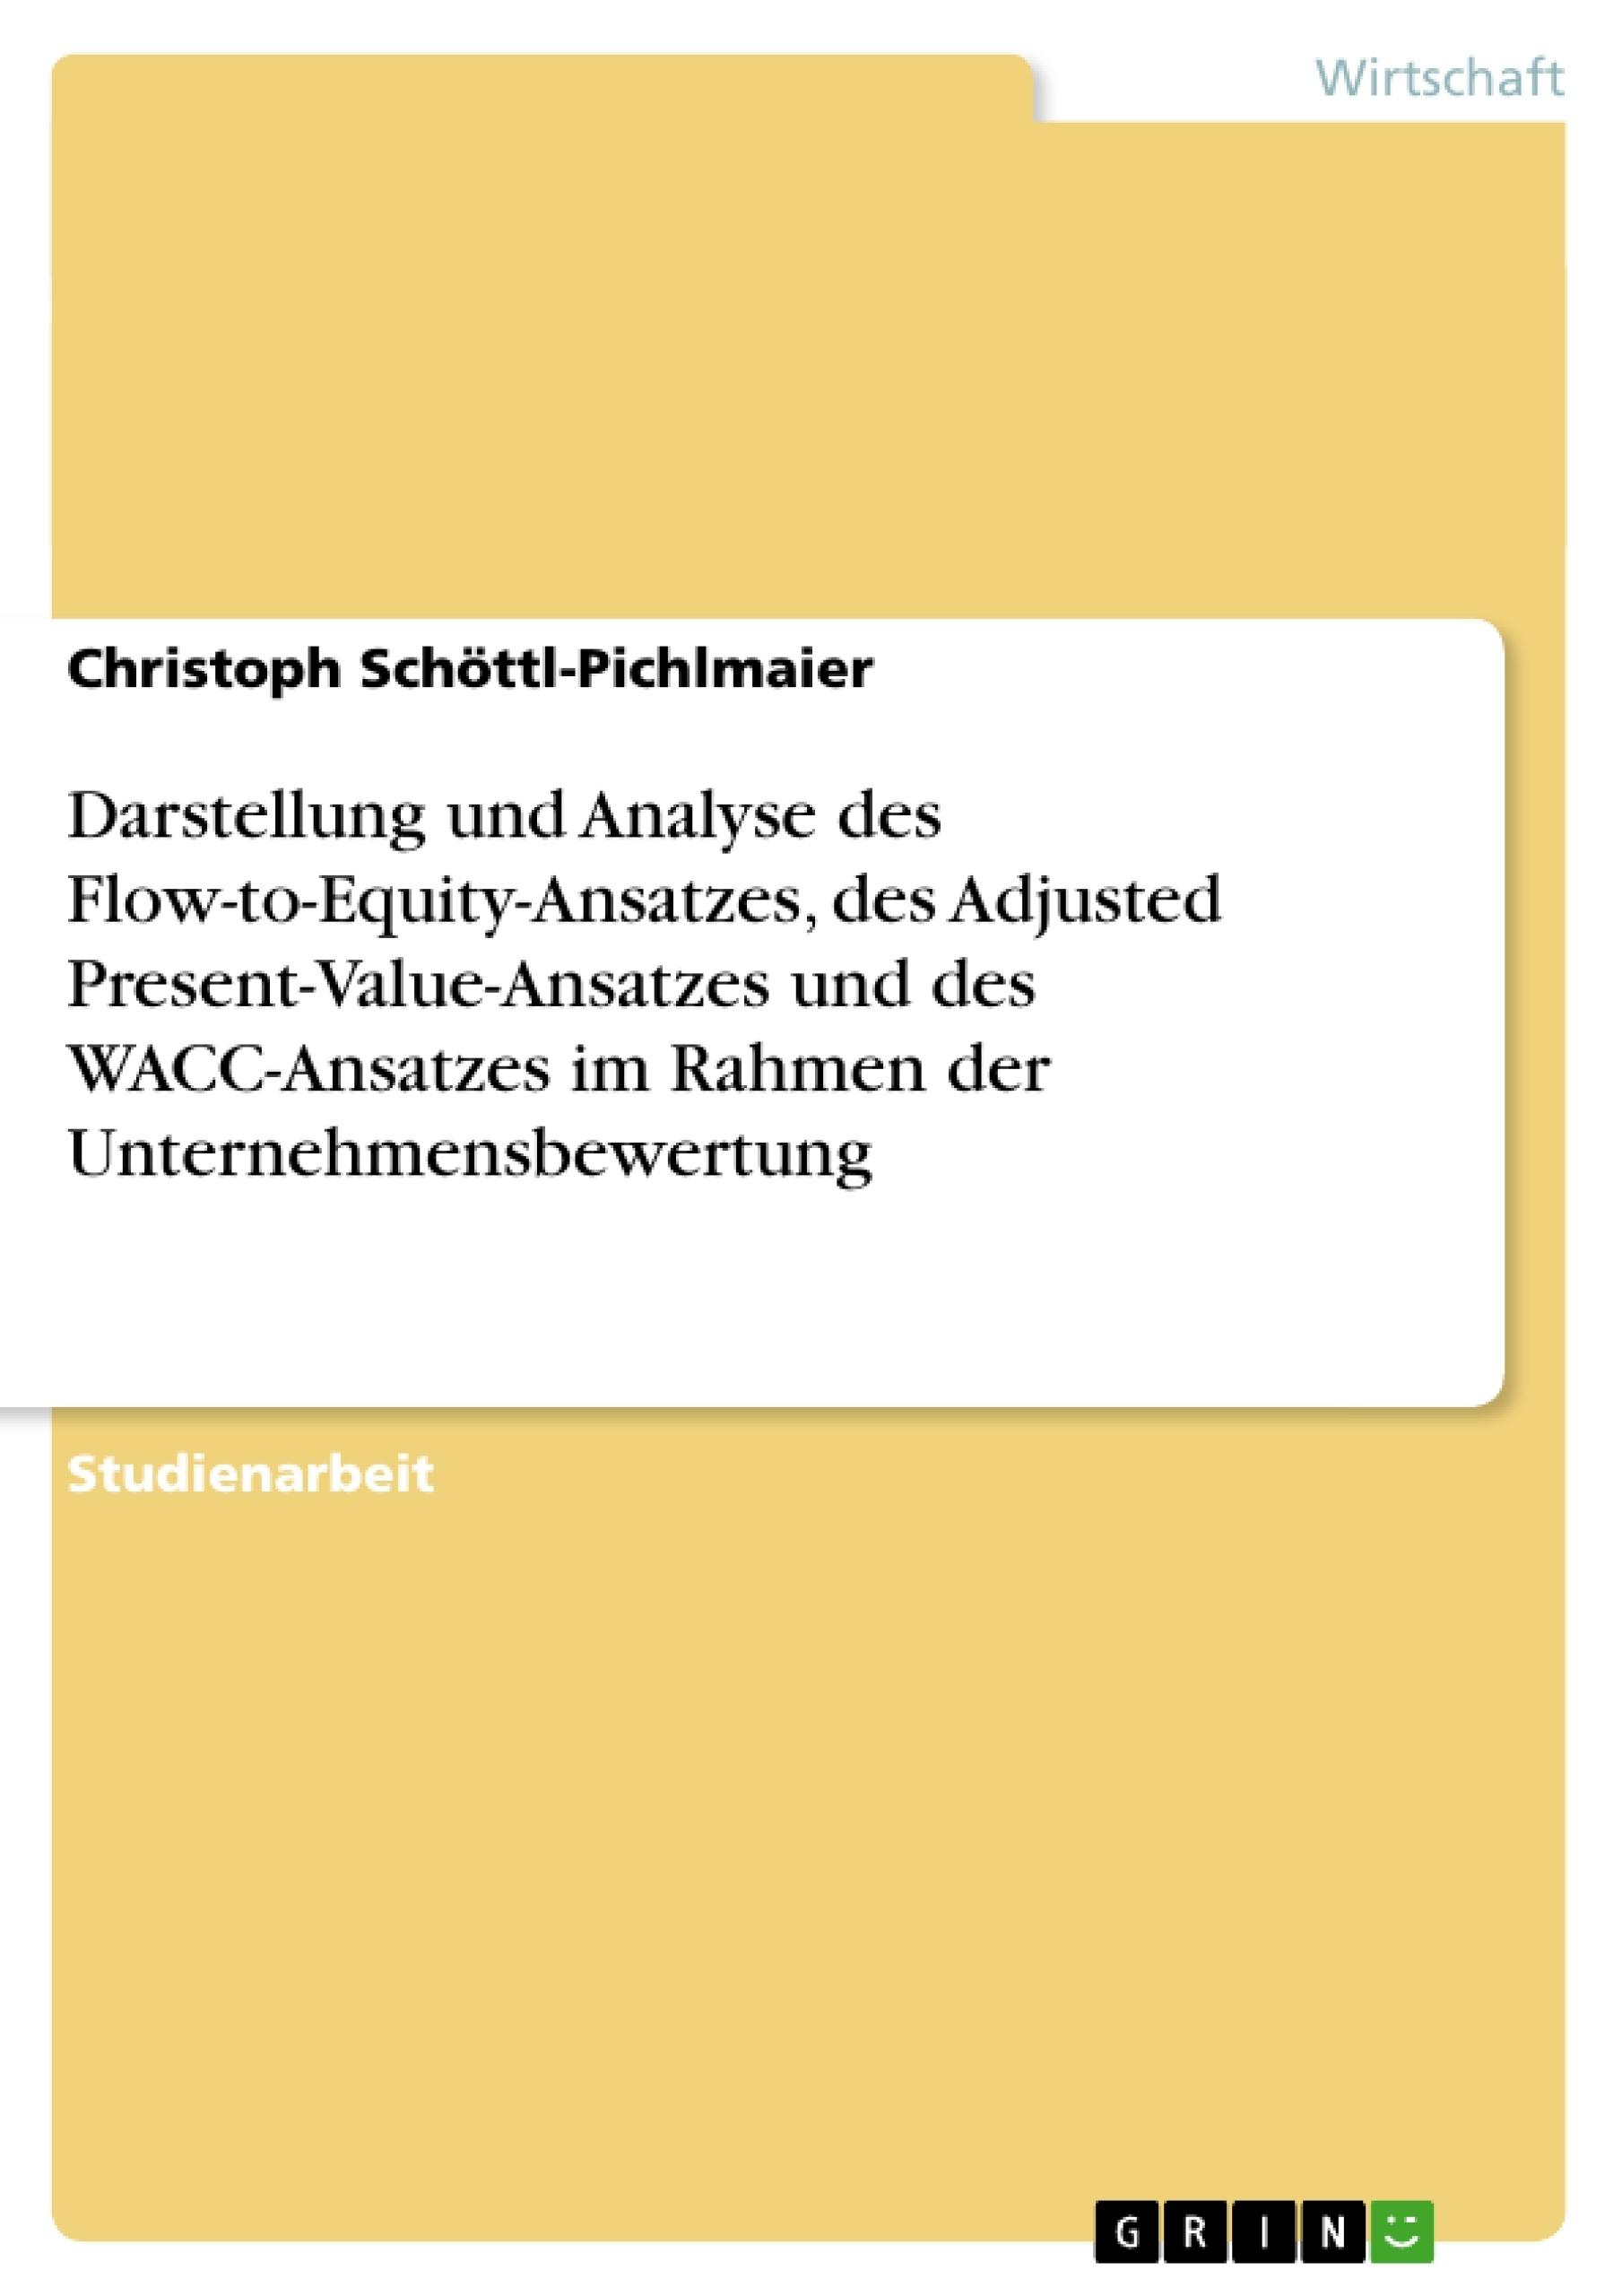 Titel: Darstellung und Analyse des Flow-to-Equity-Ansatzes, des Adjusted Present-Value-Ansatzes und des WACC-Ansatzes im Rahmen der Unternehmensbewertung